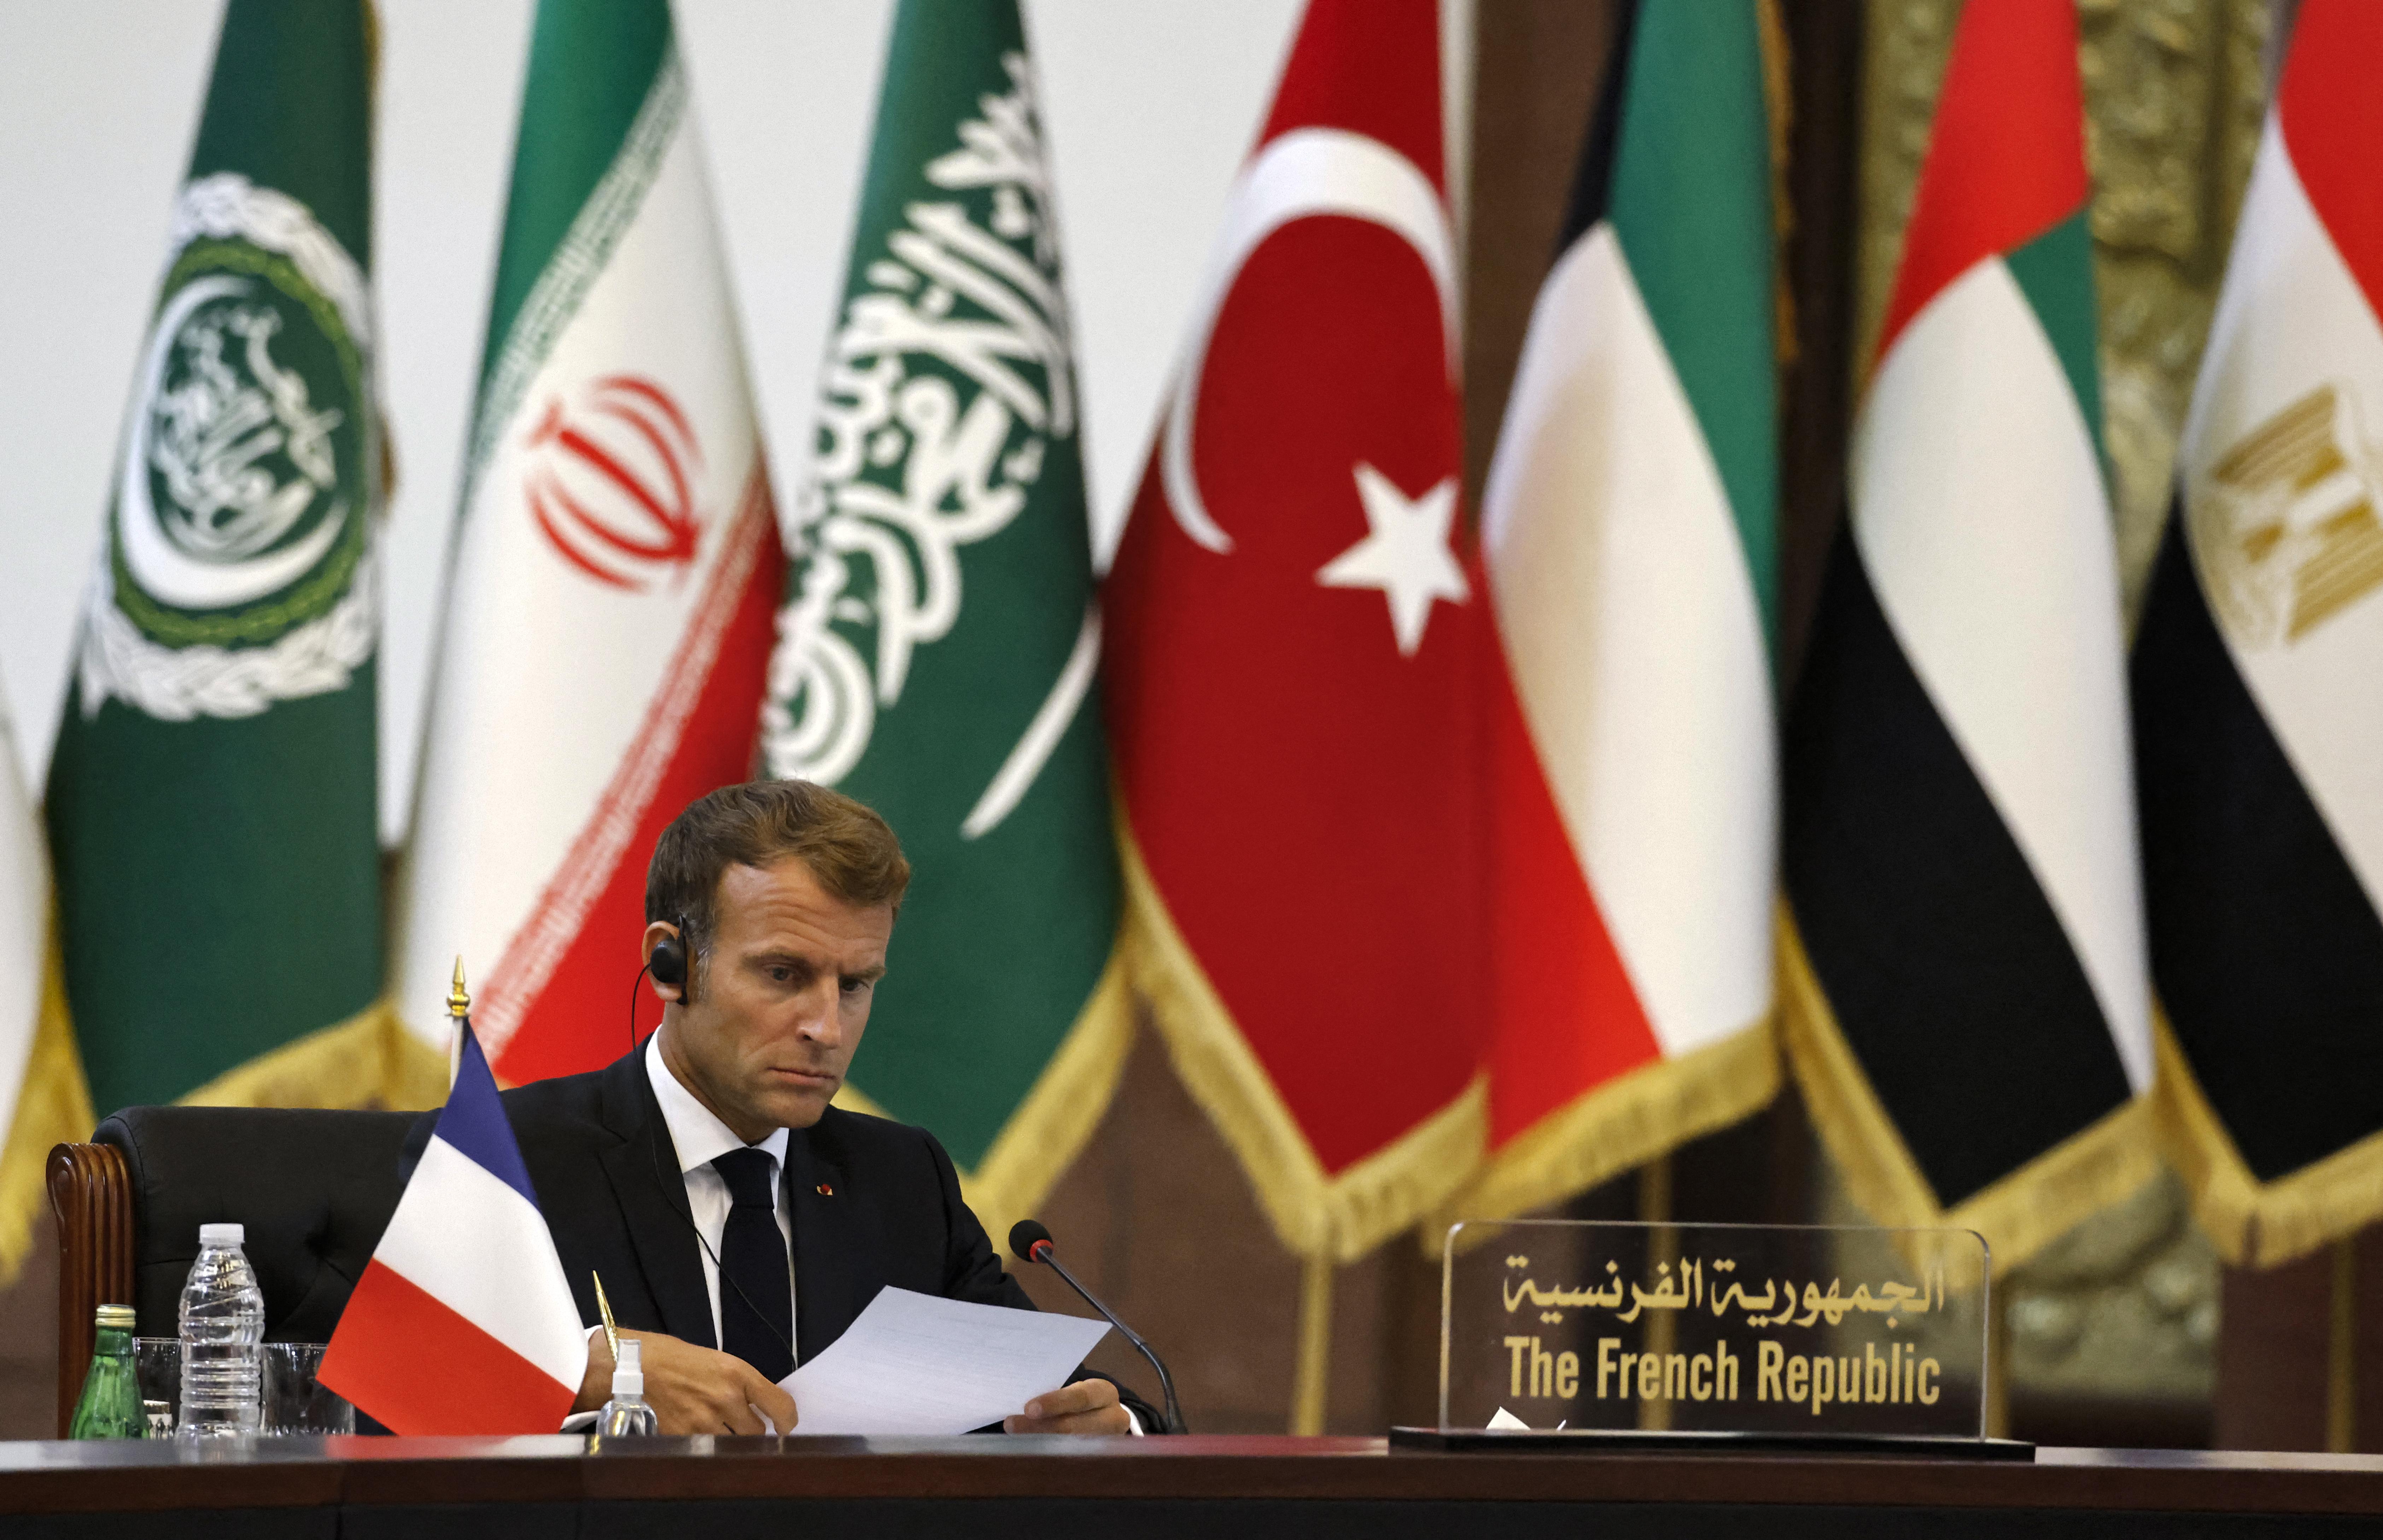 يقول المحللون إن الرئيس الفرنسي لعب دورا مهما في إنجاح القمة